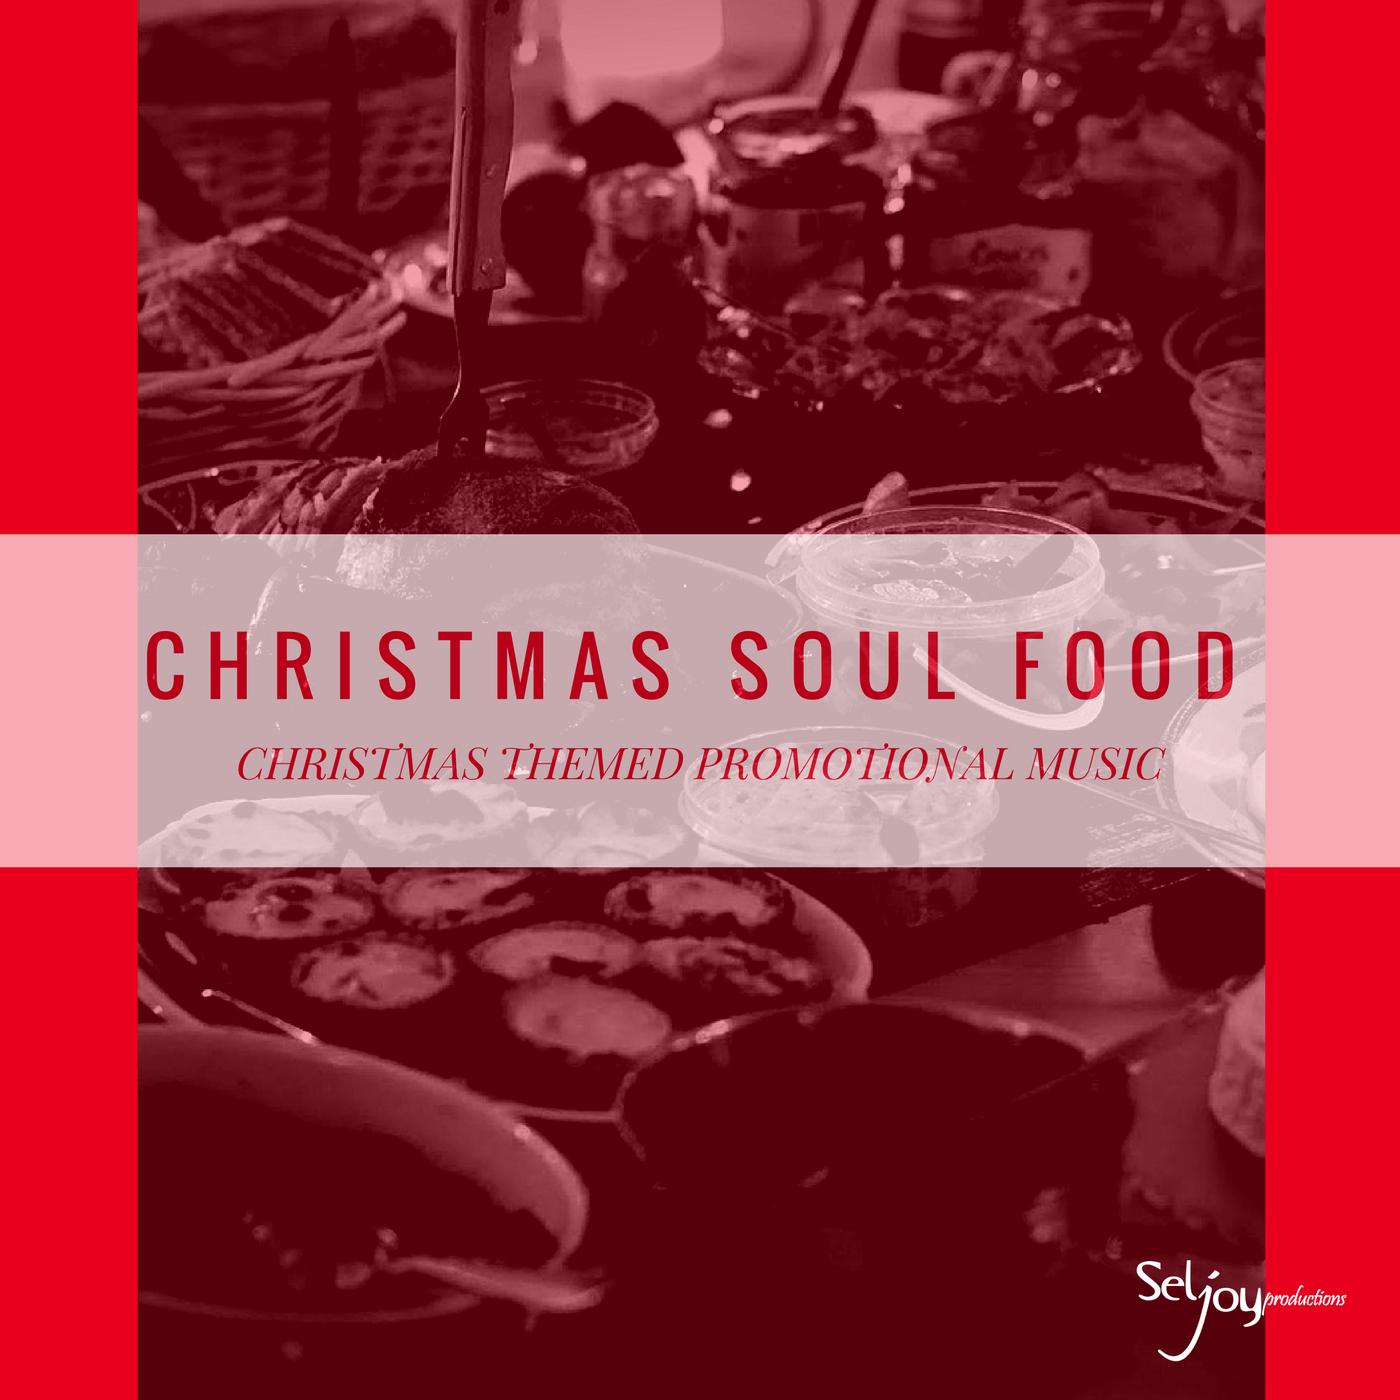 CHRISTMAS SOULFOOD-2.png